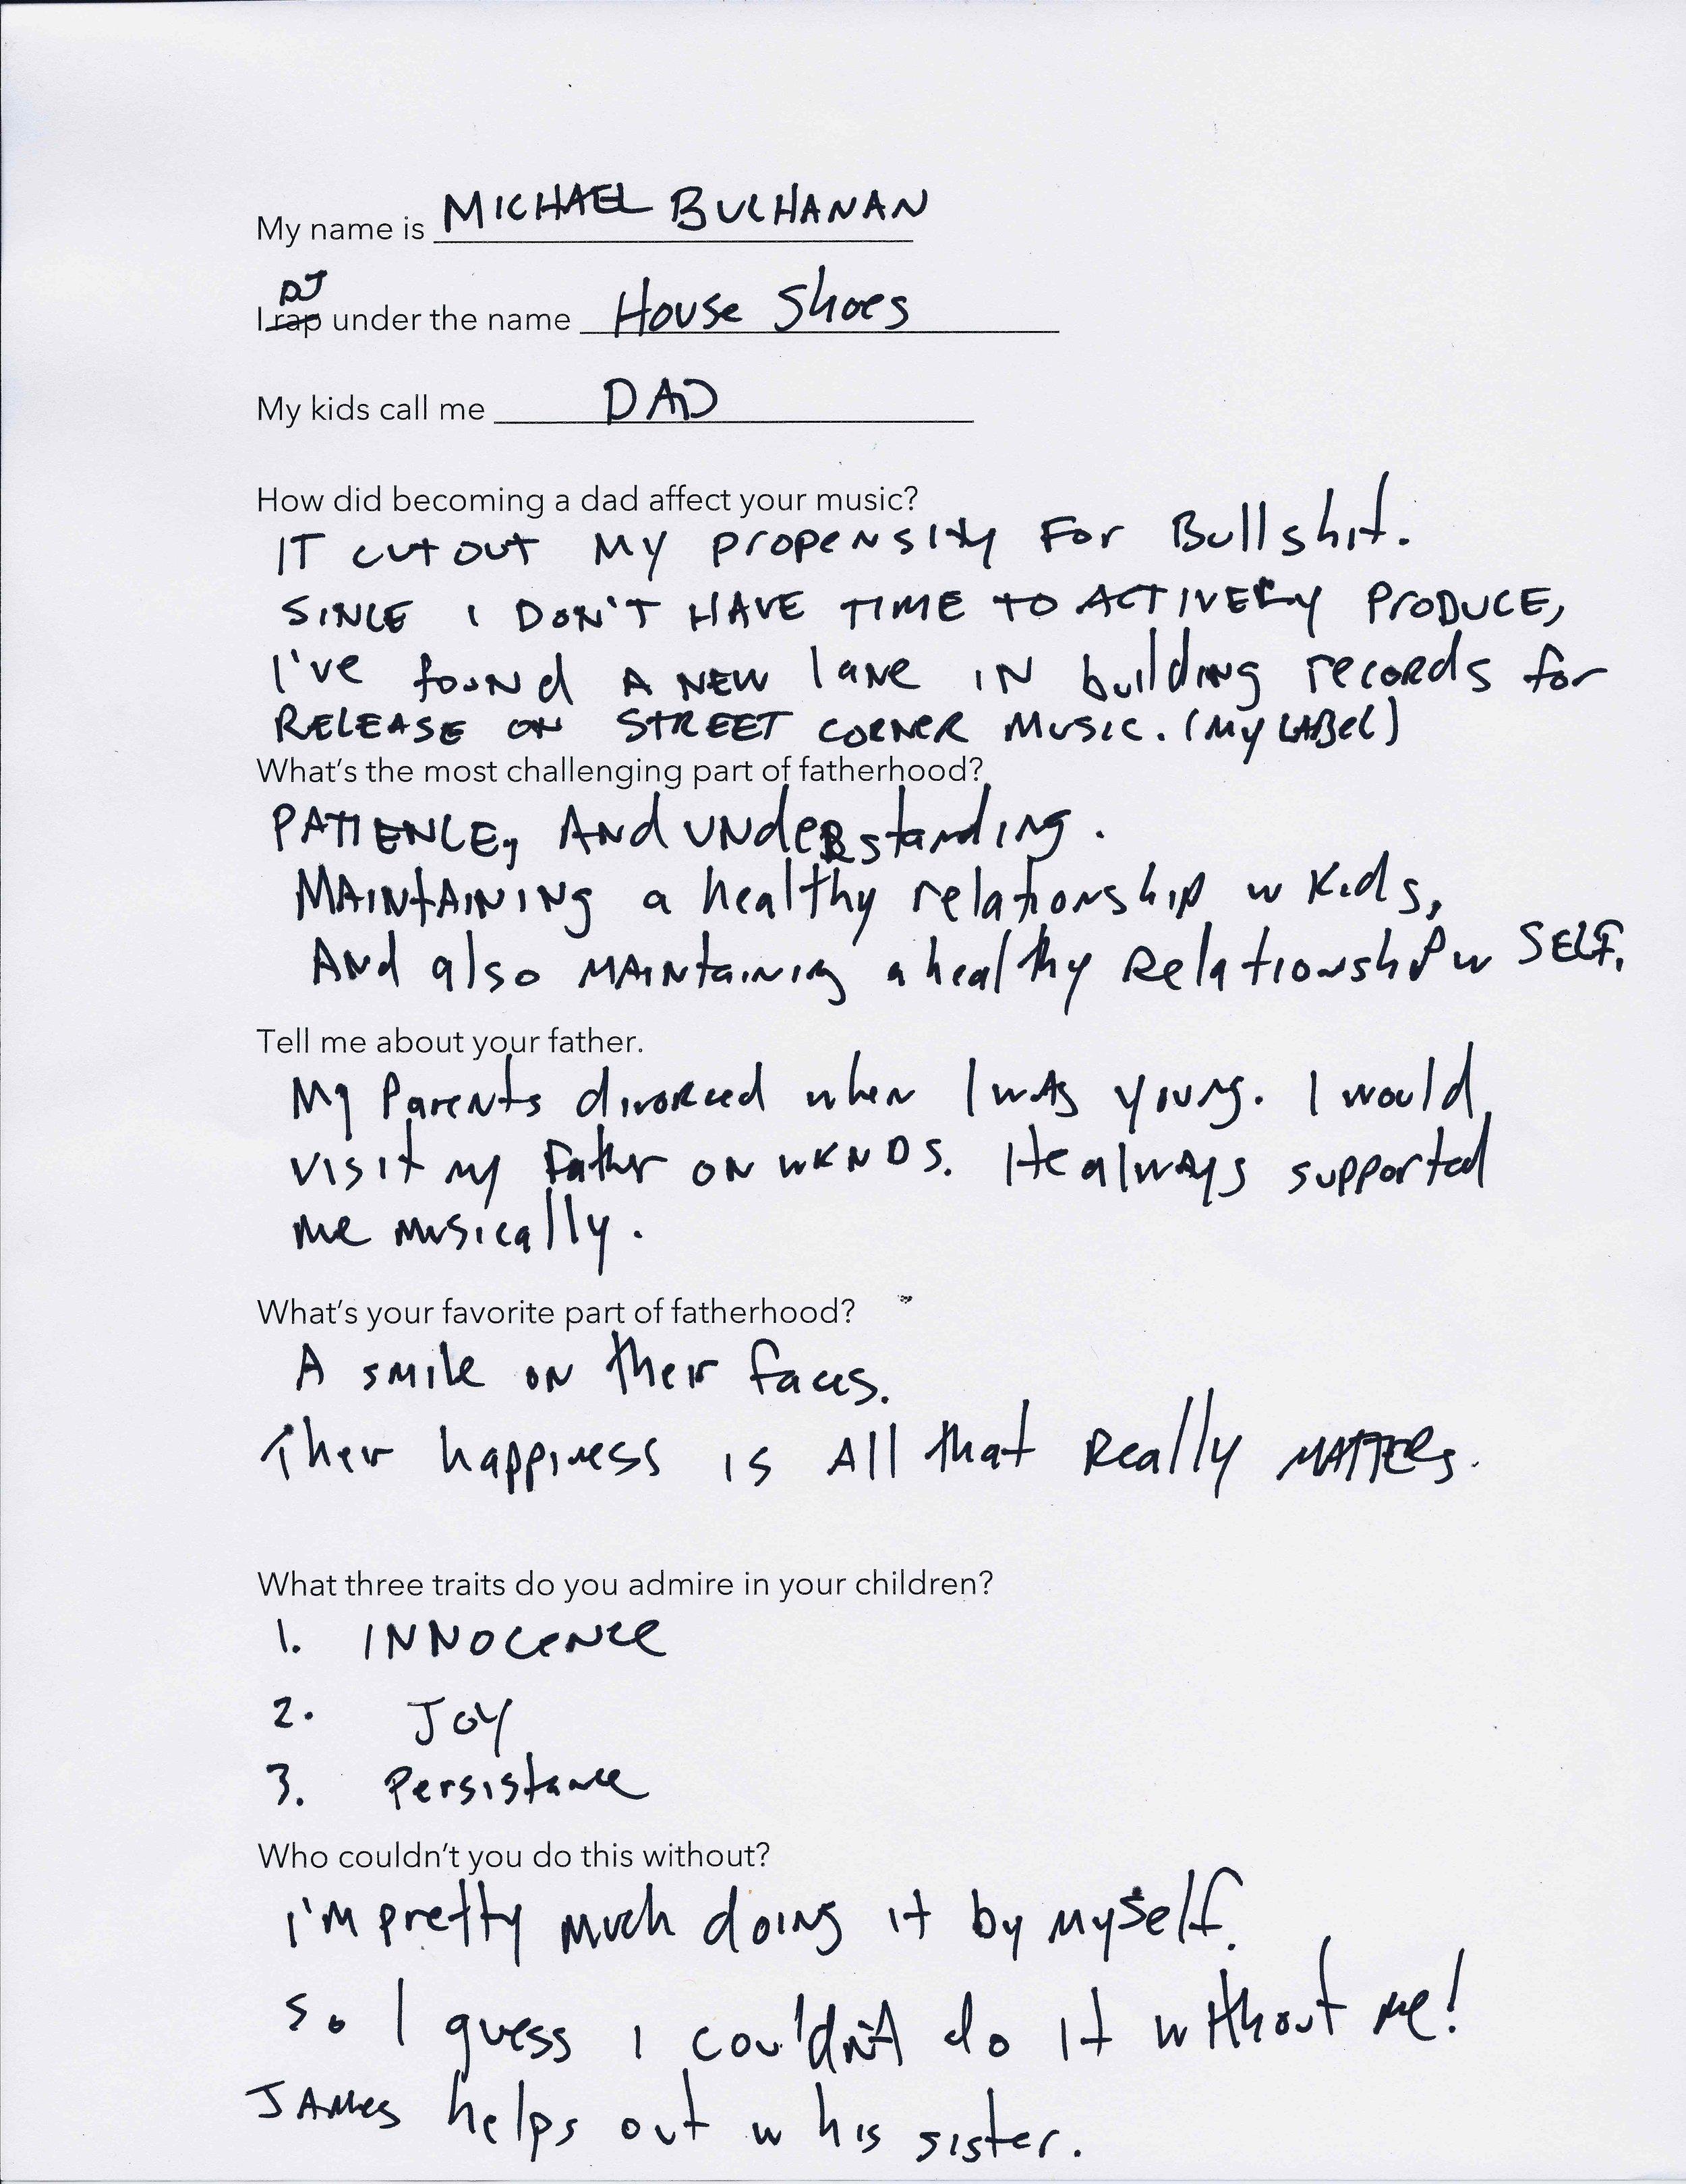 house shoes' questionnaire